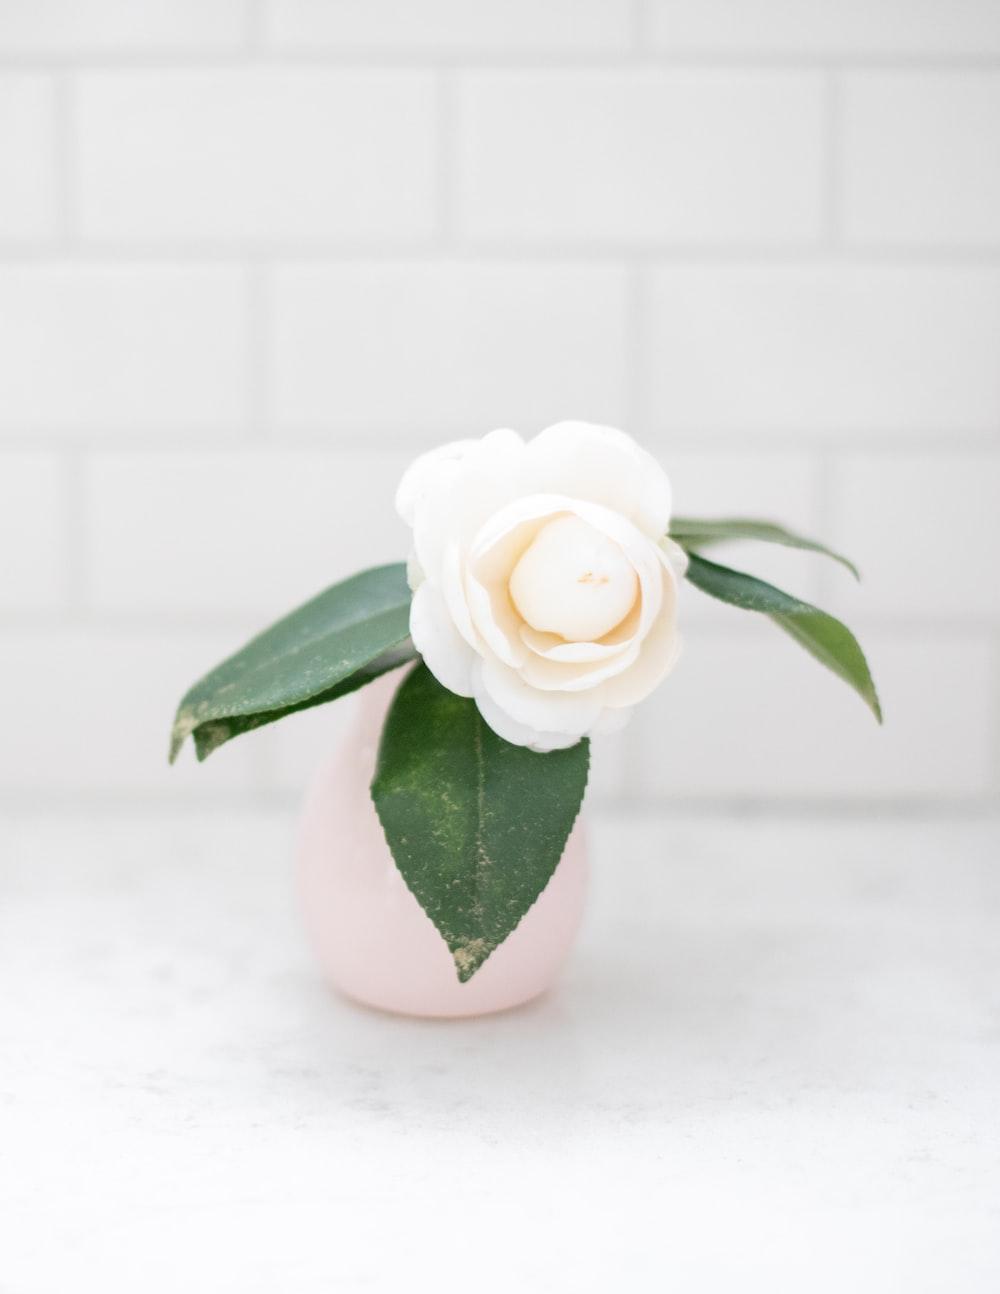 white rose in white ceramic vase